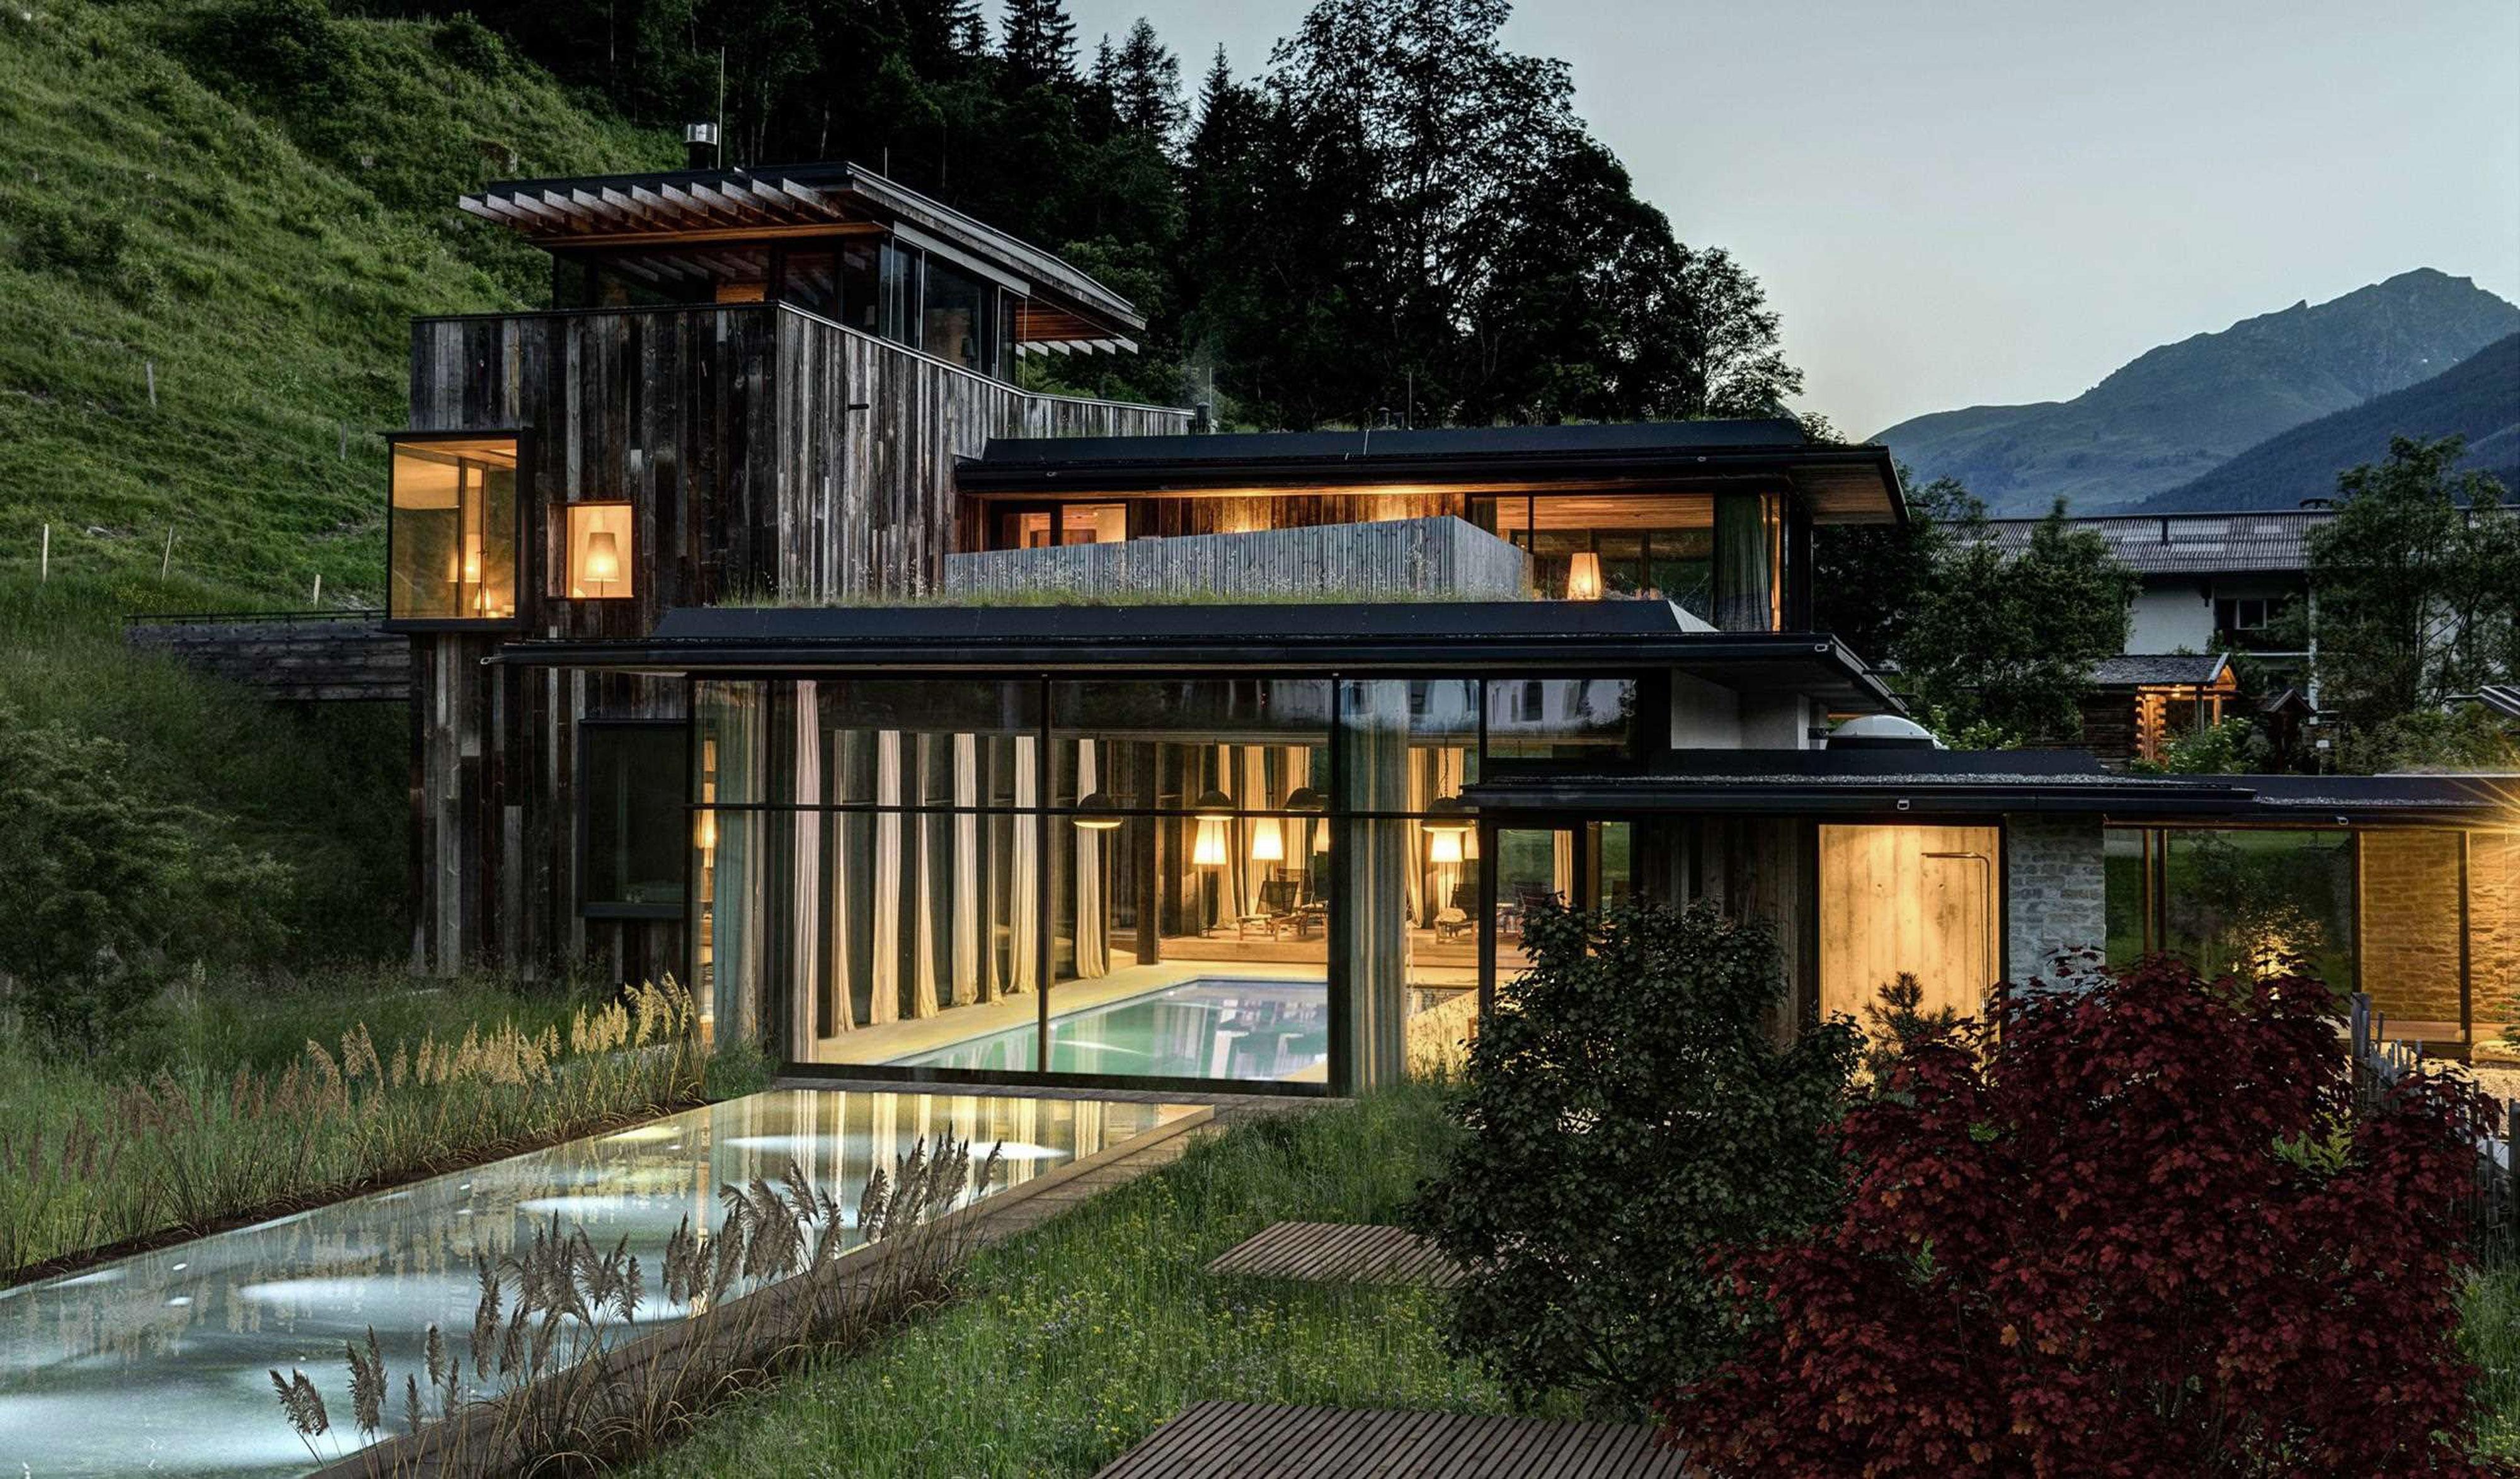 Wiesergut-Modern-Luxury-Design-hotel-Hinterglemm-Austria-Alps-0